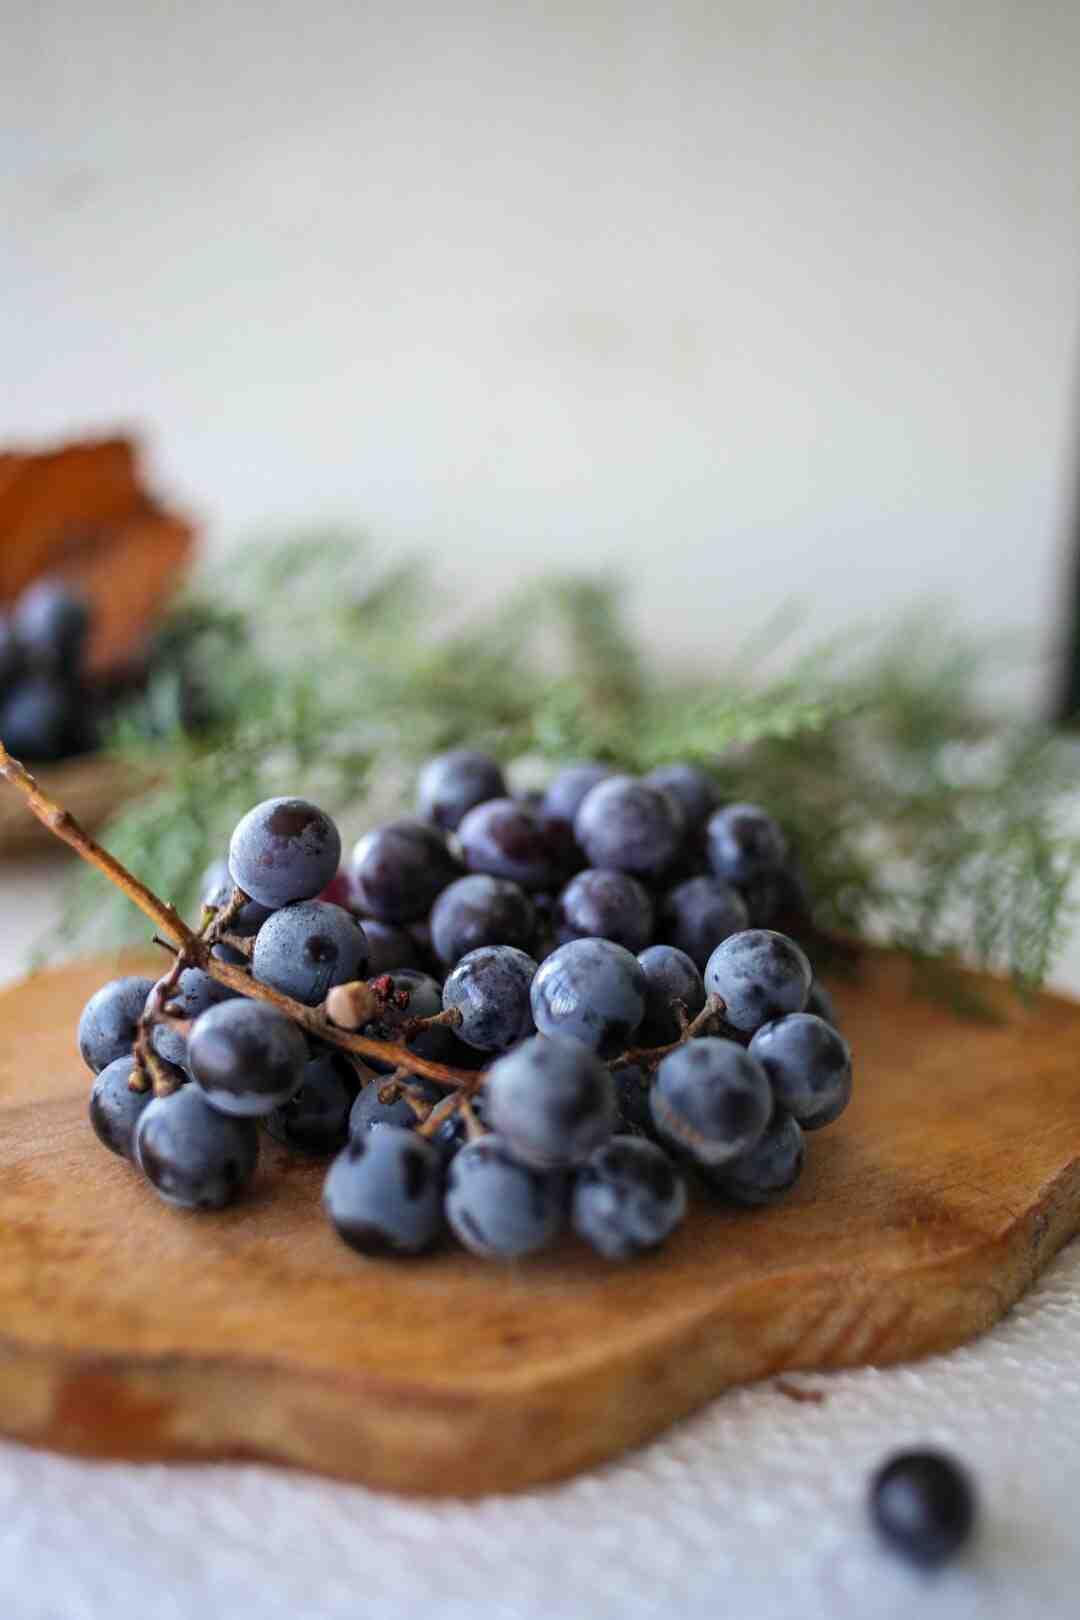 Comment transformer du jus de raisin en vin ?